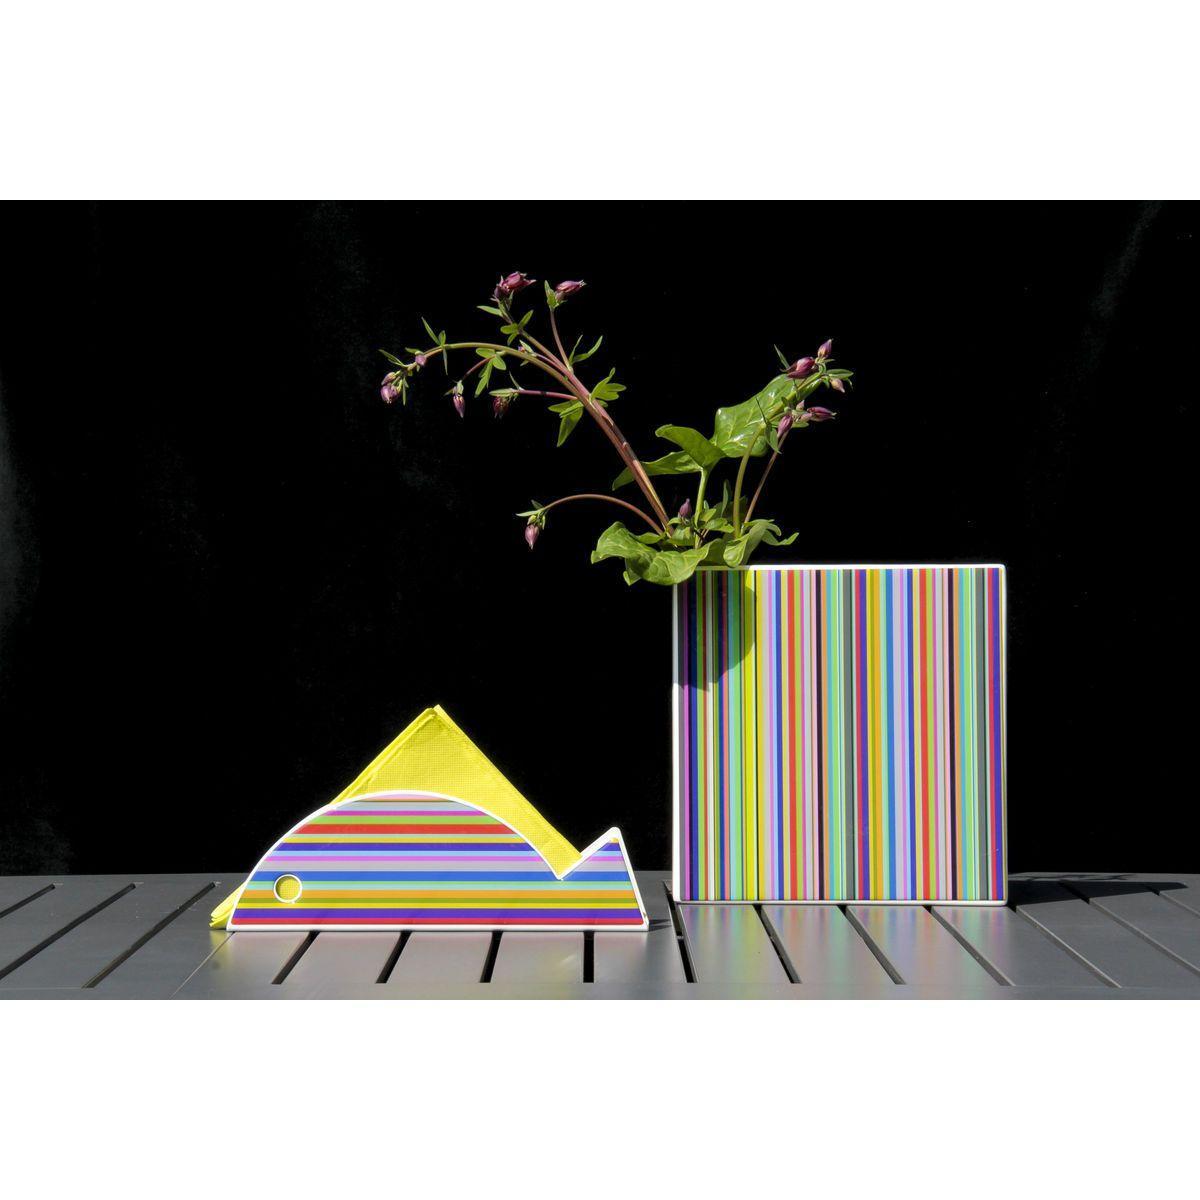 porta tovaglioli a forma di pesce decorato con righe colorate orizzontali accanto ad un vaso quadrato con lo stesso decoro